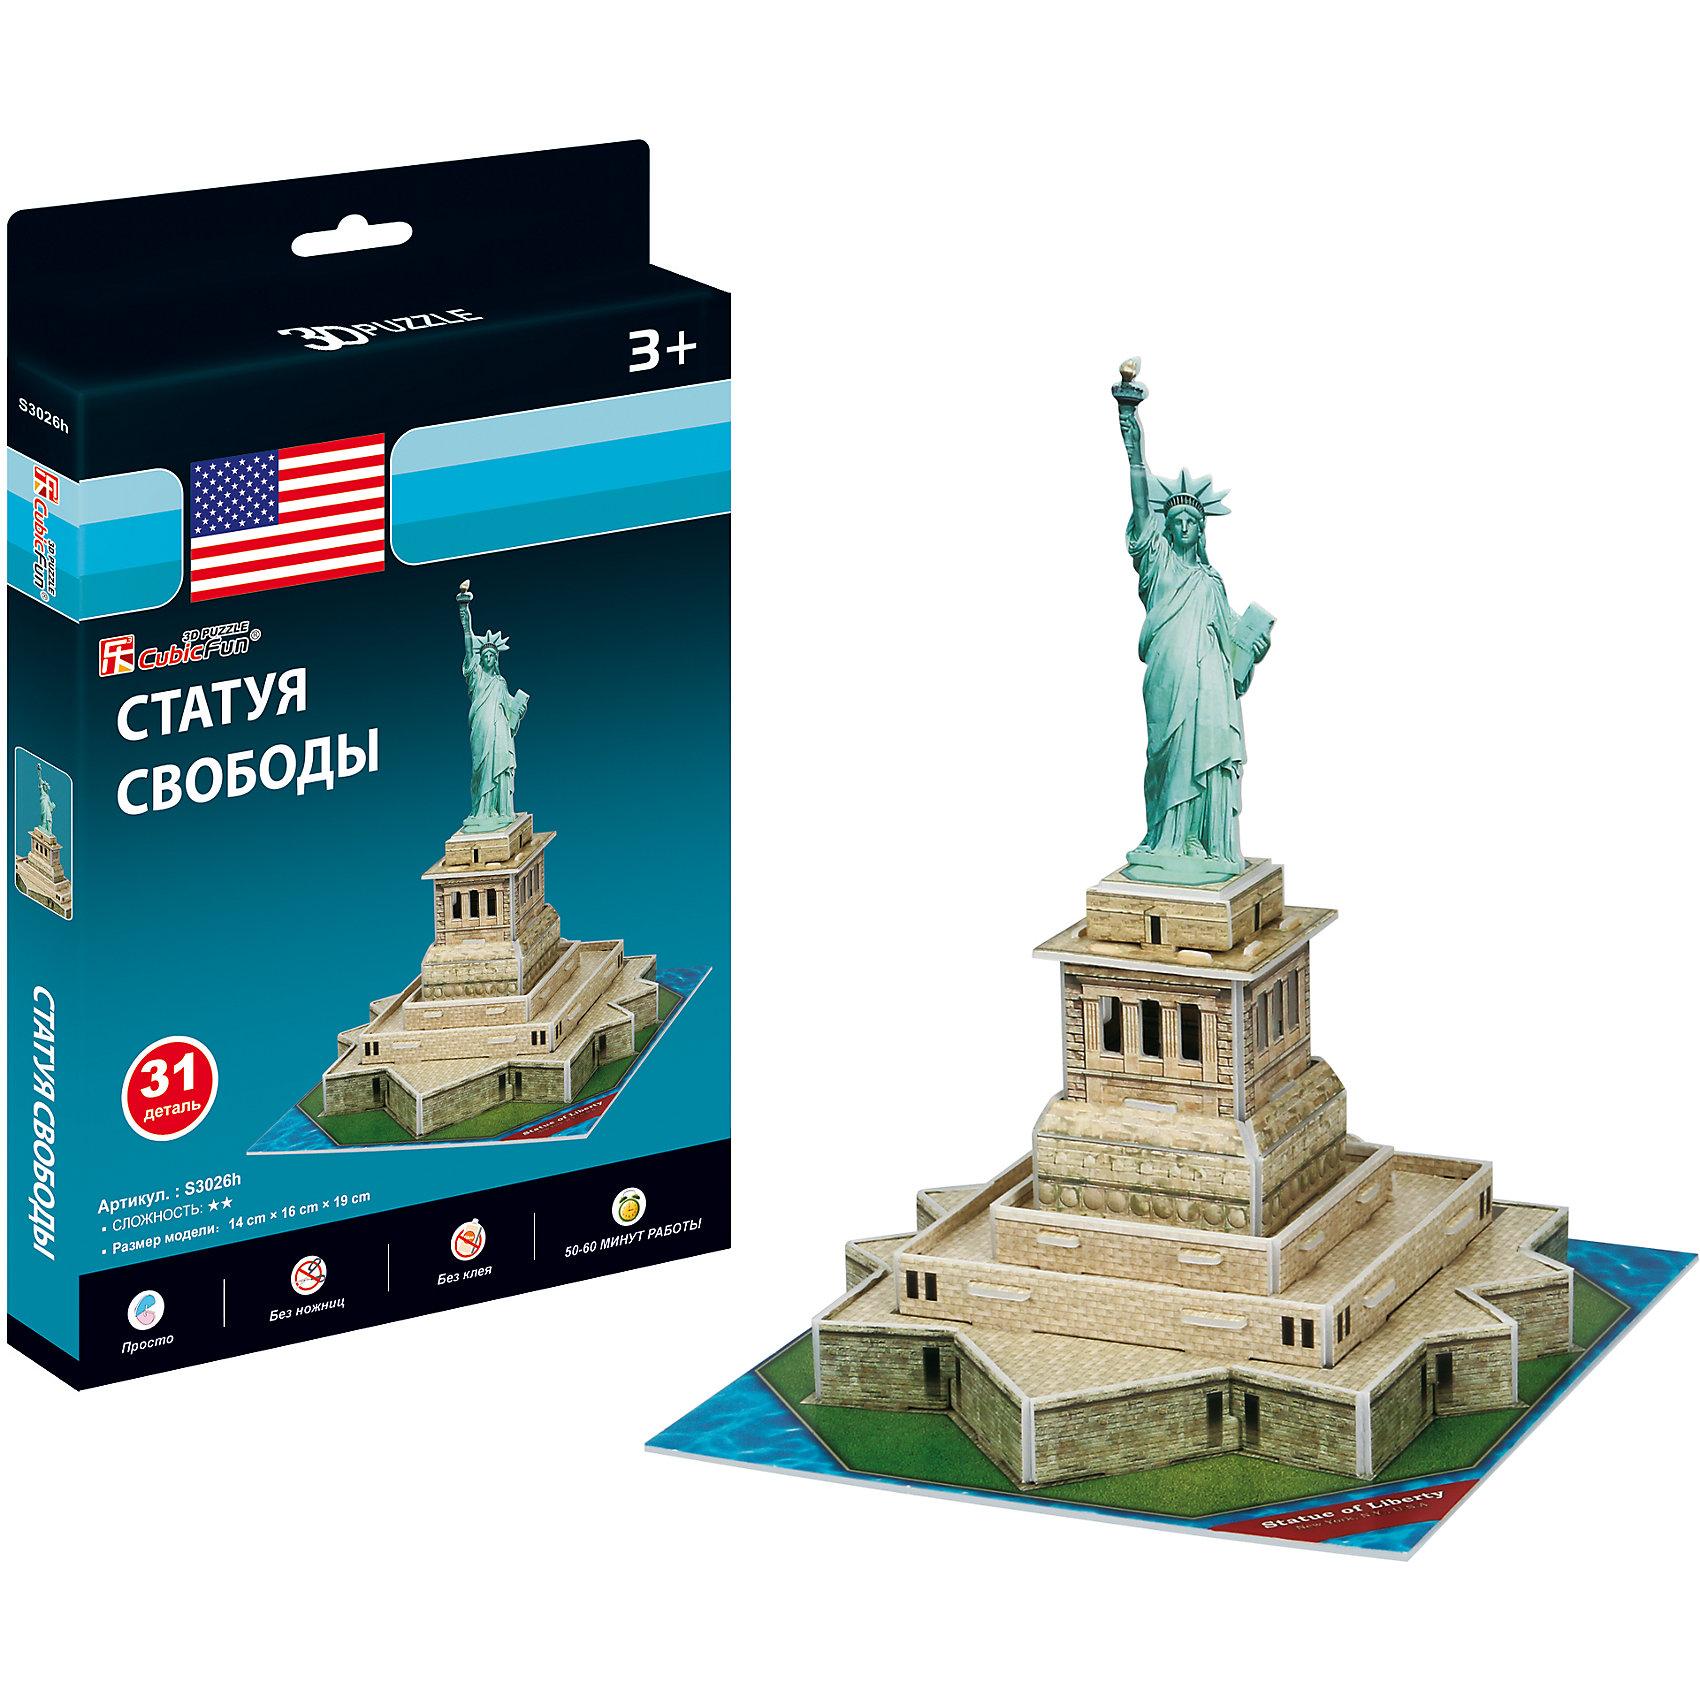 Статуя Свободы, США, CubicFun3D пазлы<br>Характеристики товара:<br><br>- цвет: разноцветный;<br>- материал: ламинированный пенокартон;<br>- комплектация: 31 деталь;<br>- особенности: легко собирается без инструментов;<br>- размер: 19х14х16 см;<br>- размер упаковки: 2х25х16 см;<br>- вес: 130 г.<br><br>Такое увлекательное занятие, как сборка 3D-пазла не оставит ребенка равнодушным! После сборки он получит фигурку одного из знаменитейший зданий в мире! Игрушка отлично детализирована, детали очень качественно выполнены, поэтому она станет отличным подарком ребенку. Для её сборки не нужен клей - достаточно прикрепить детали друг к другу! Такой комплект помогает развить логику, творческие способности ребенка, мышление, внимание, воображение и мелкую моторику.<br>Изделие произведено из высококачественного материала, безопасного для детей.<br><br>3D-пазл Статуя Свободы, США от бренда CubicFun можно купить в нашем интернет-магазине.<br><br>Ширина мм: 20<br>Глубина мм: 250<br>Высота мм: 160<br>Вес г: 129<br>Возраст от месяцев: 36<br>Возраст до месяцев: 2147483647<br>Пол: Унисекс<br>Возраст: Детский<br>SKU: 5039902